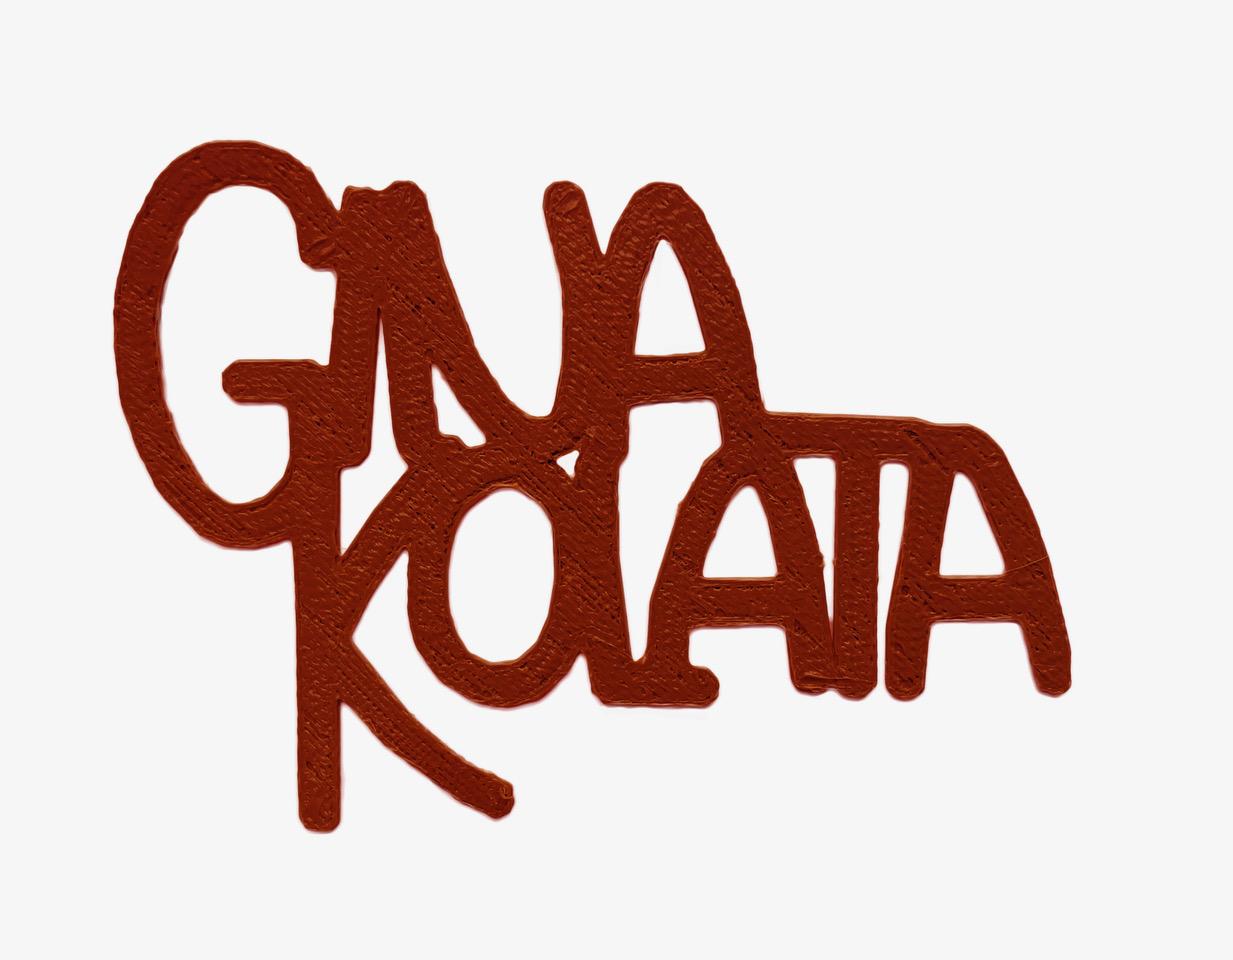 Gina Kolata.jpeg